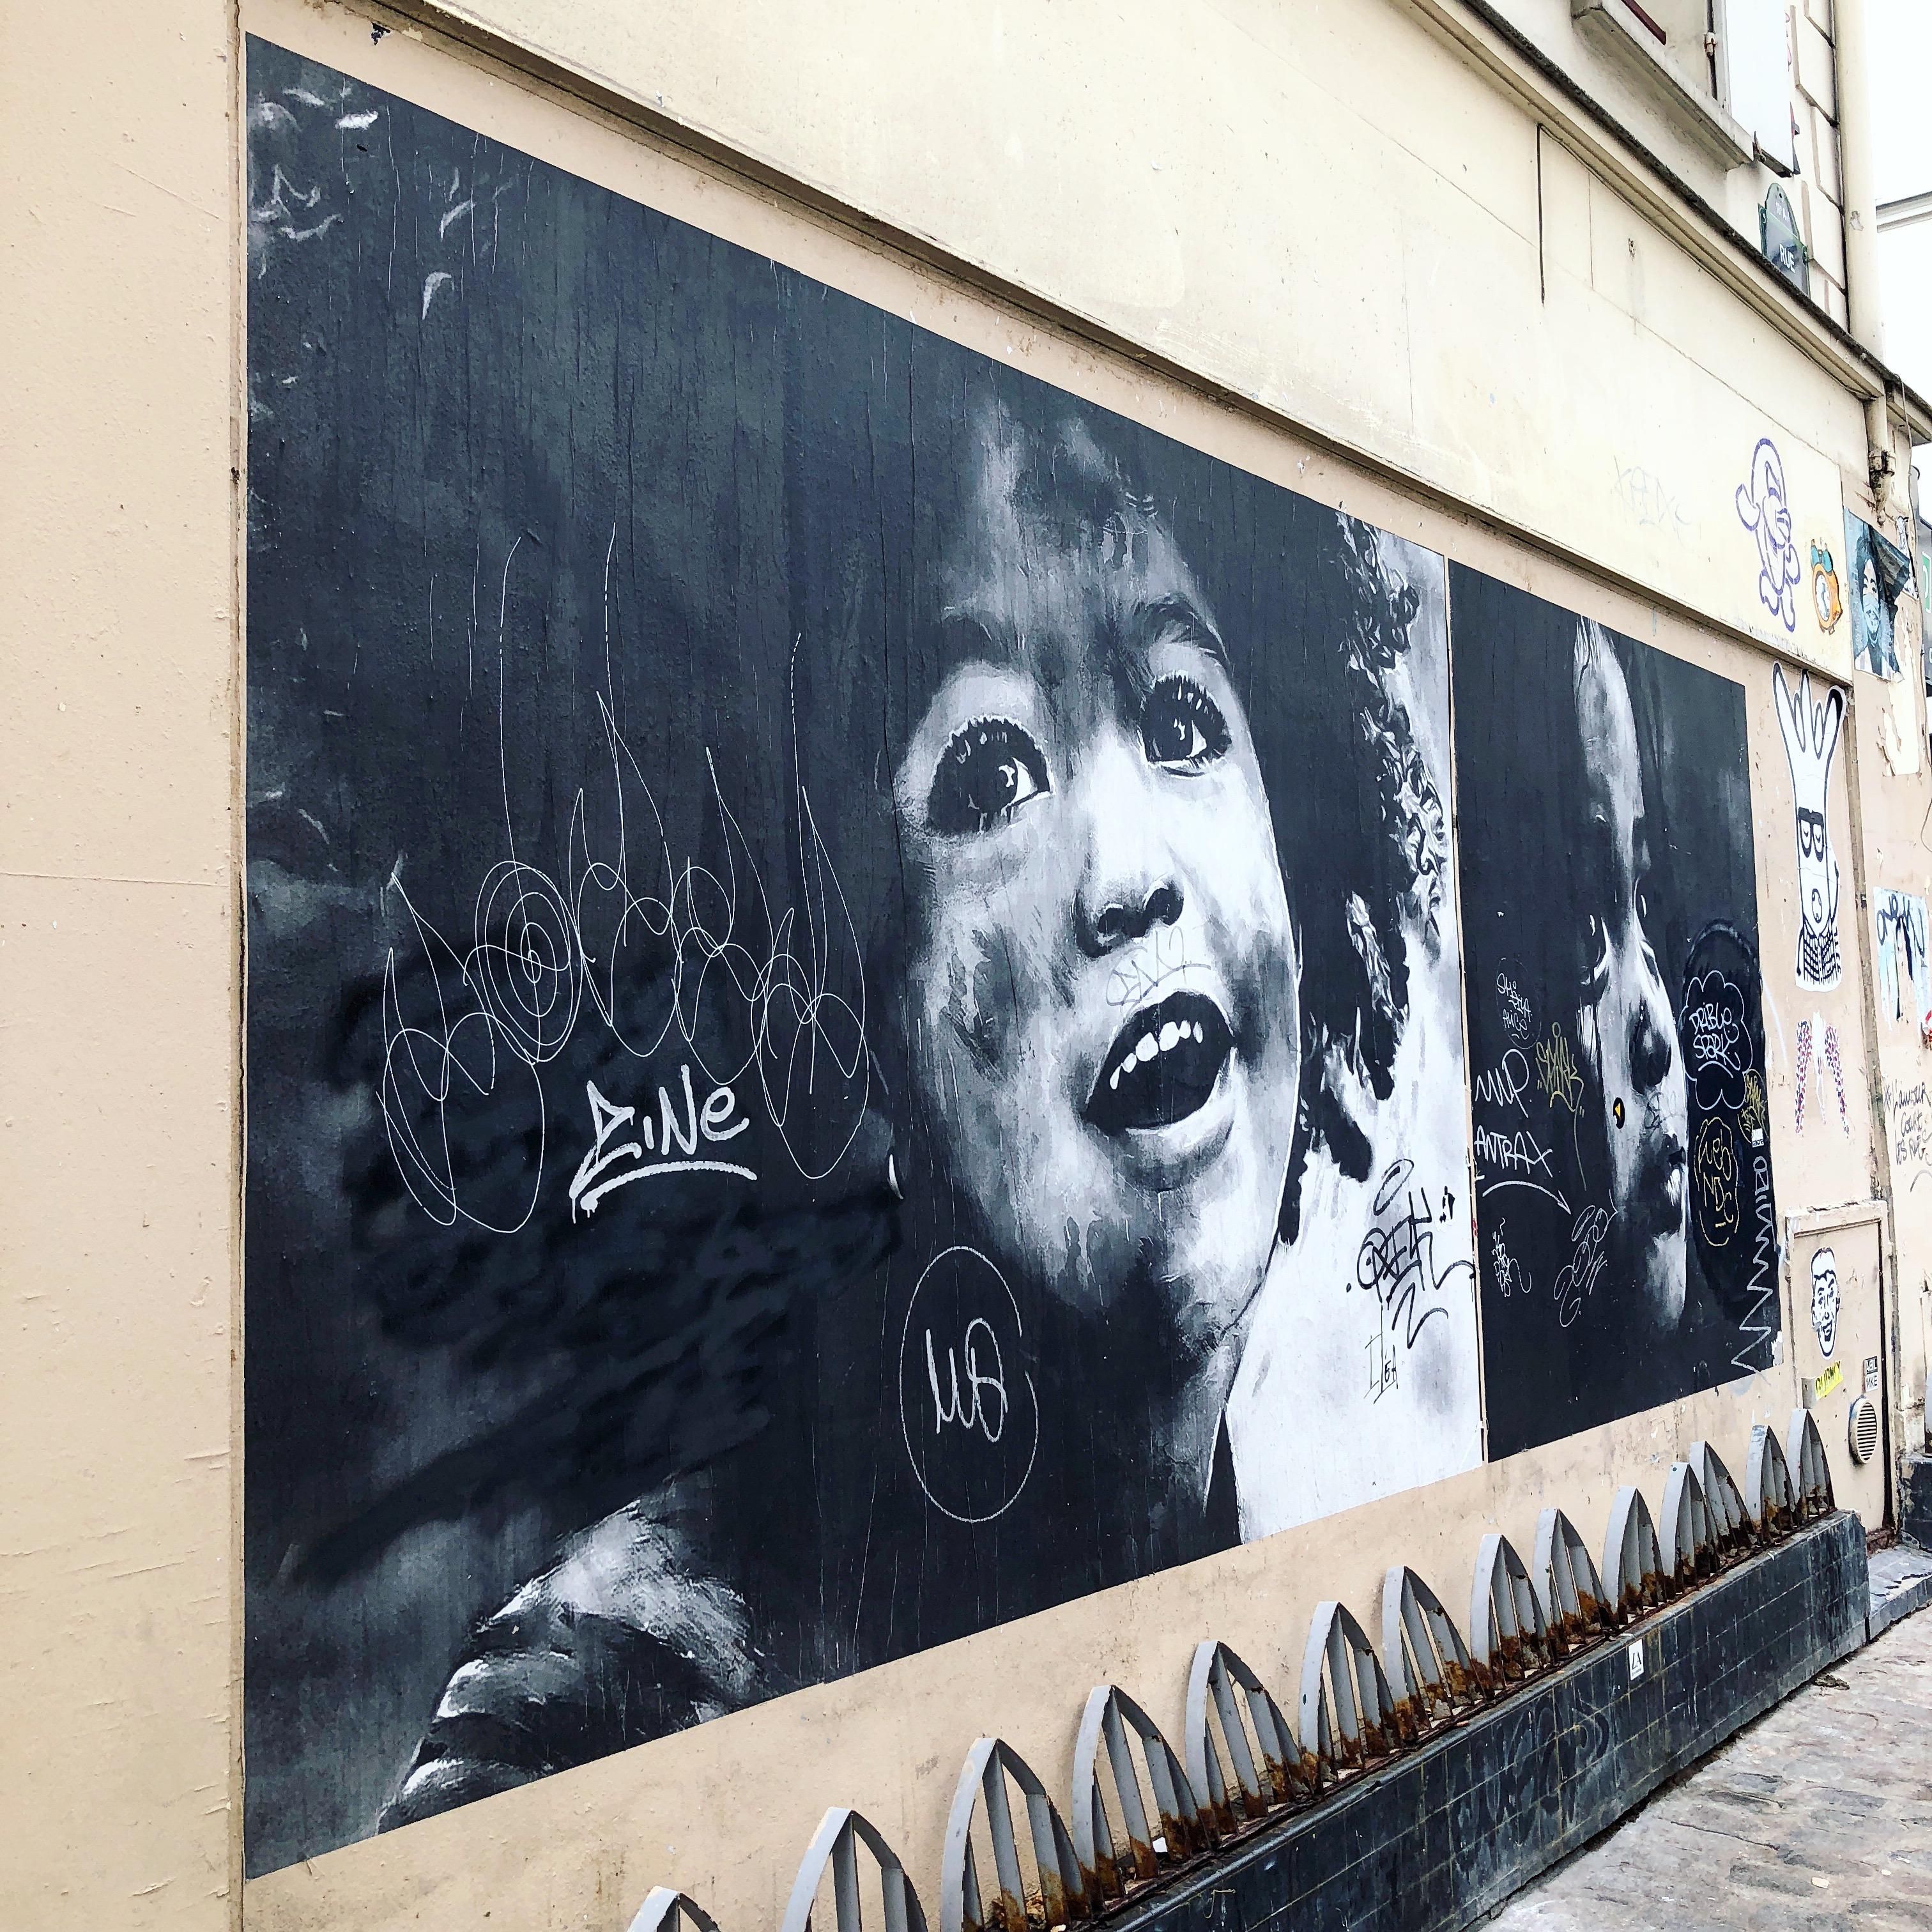 IMG 2326 - Un séjour à Paris quand t'es un ex-parisien (Et que tu n'aimes rien car t'étais parisien).